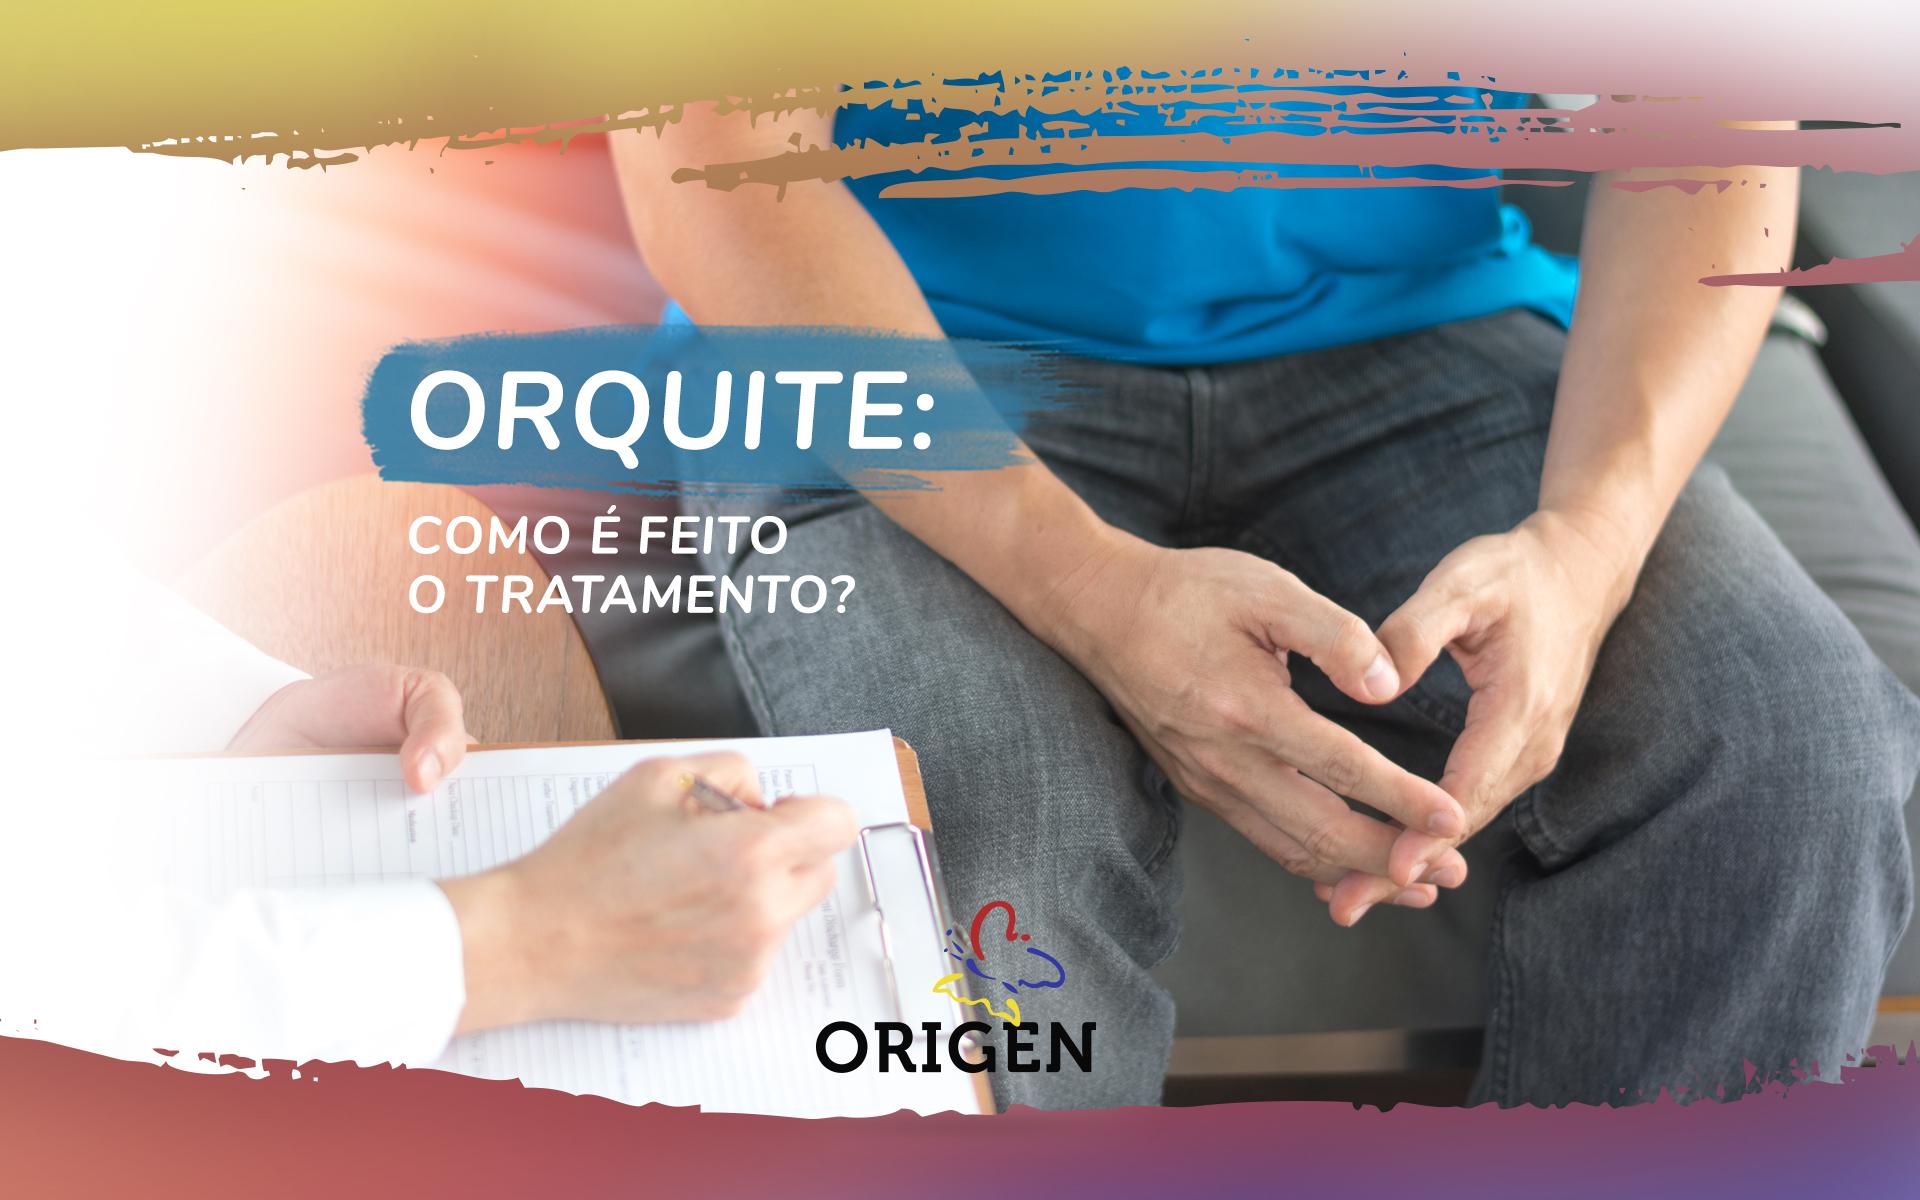 Orquite: como é feito o tratamento?